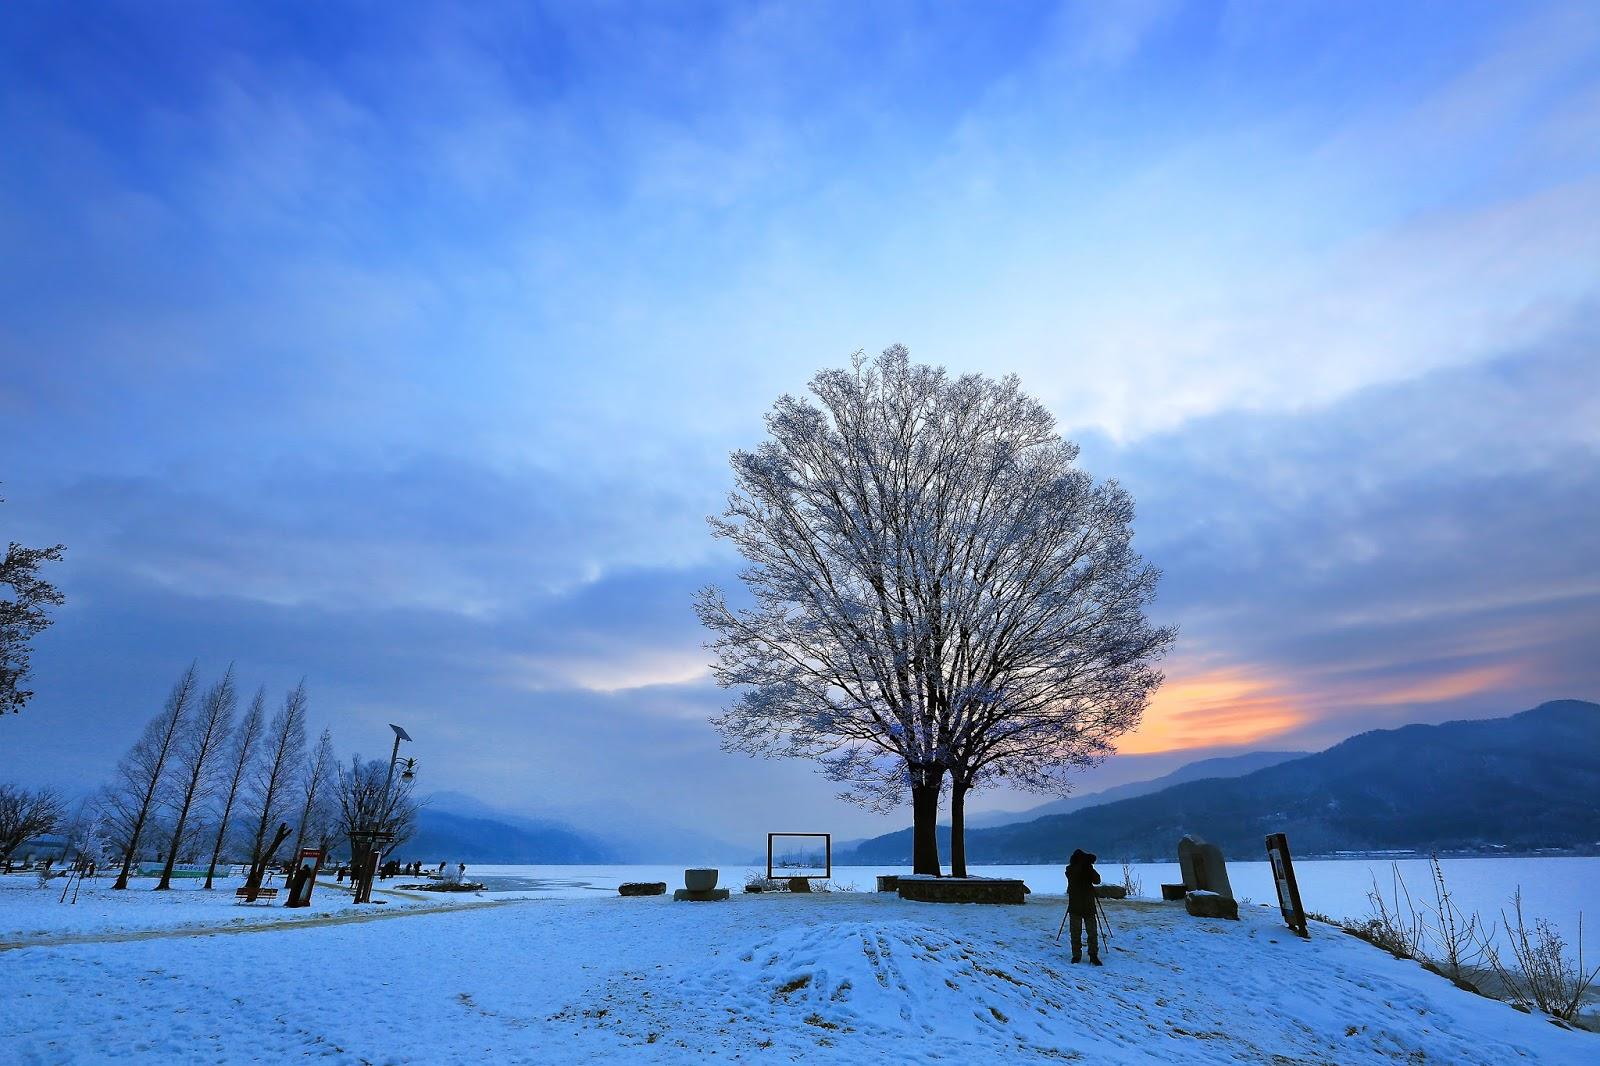 양평 두물머리 겨울전경